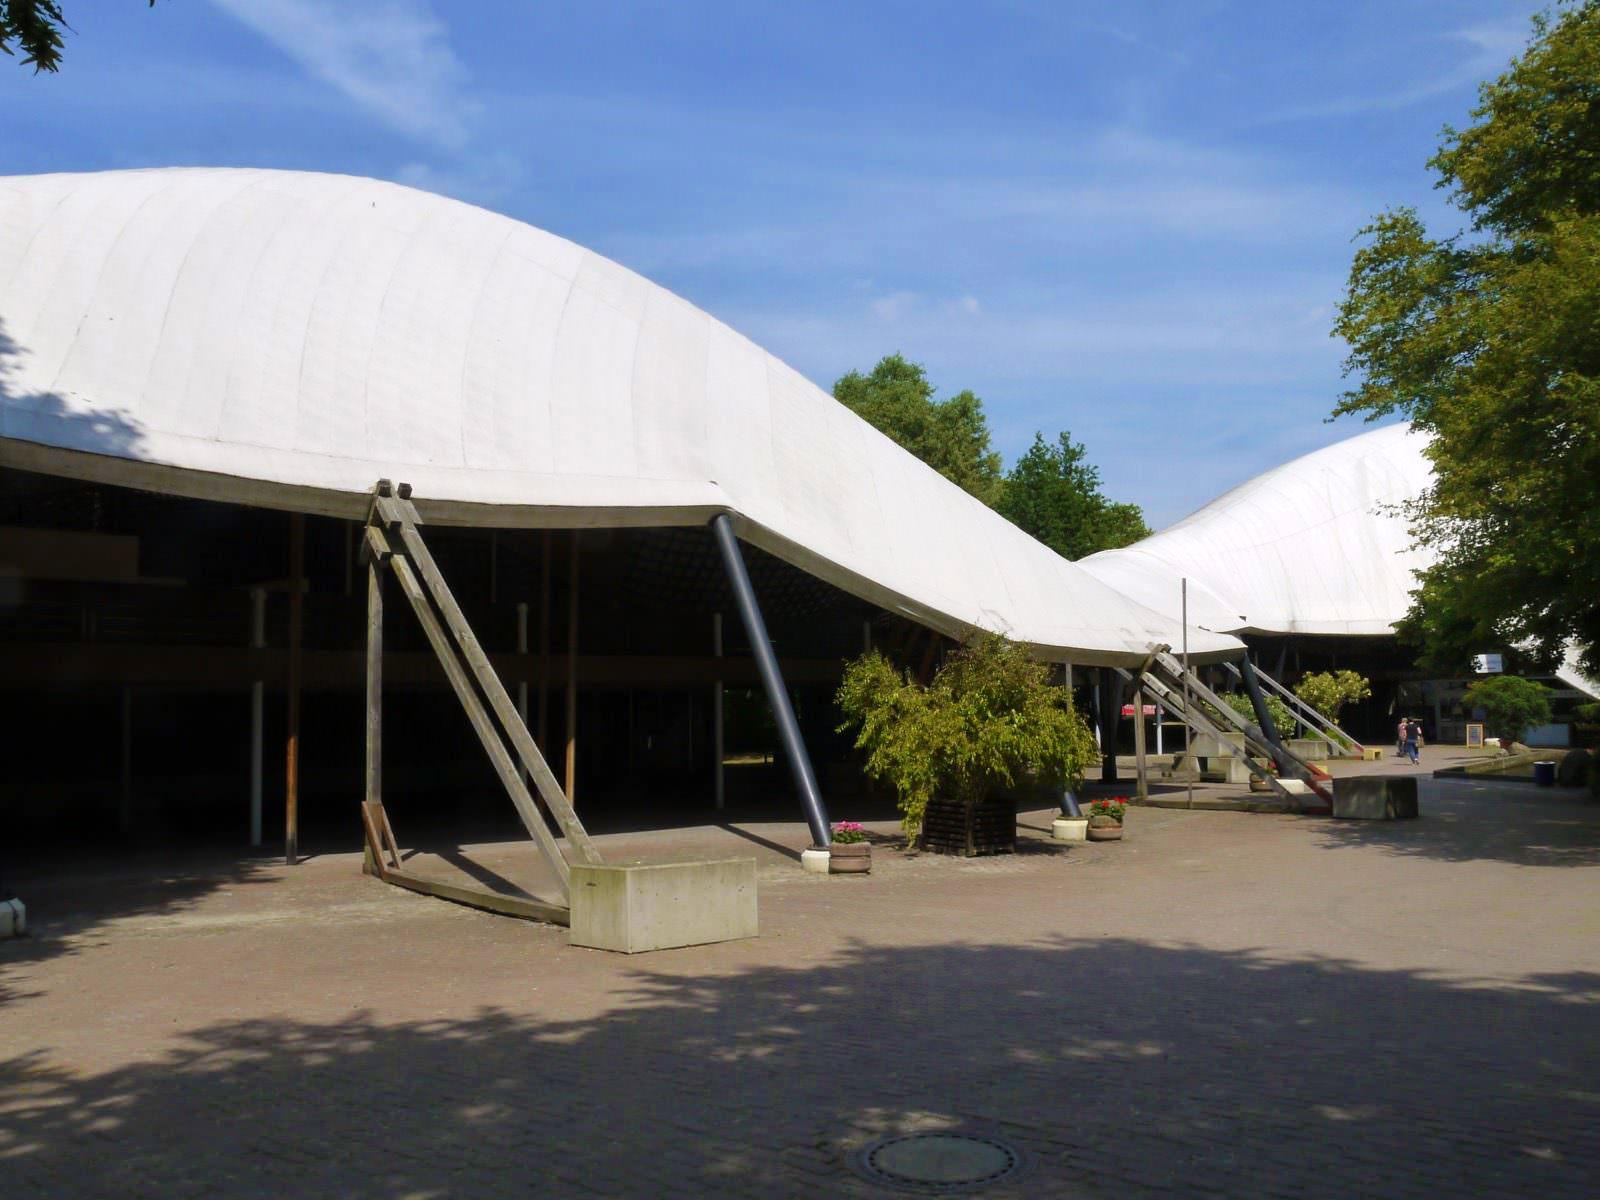 p1030957 1600x1200 - Die Multihalle in Venedig